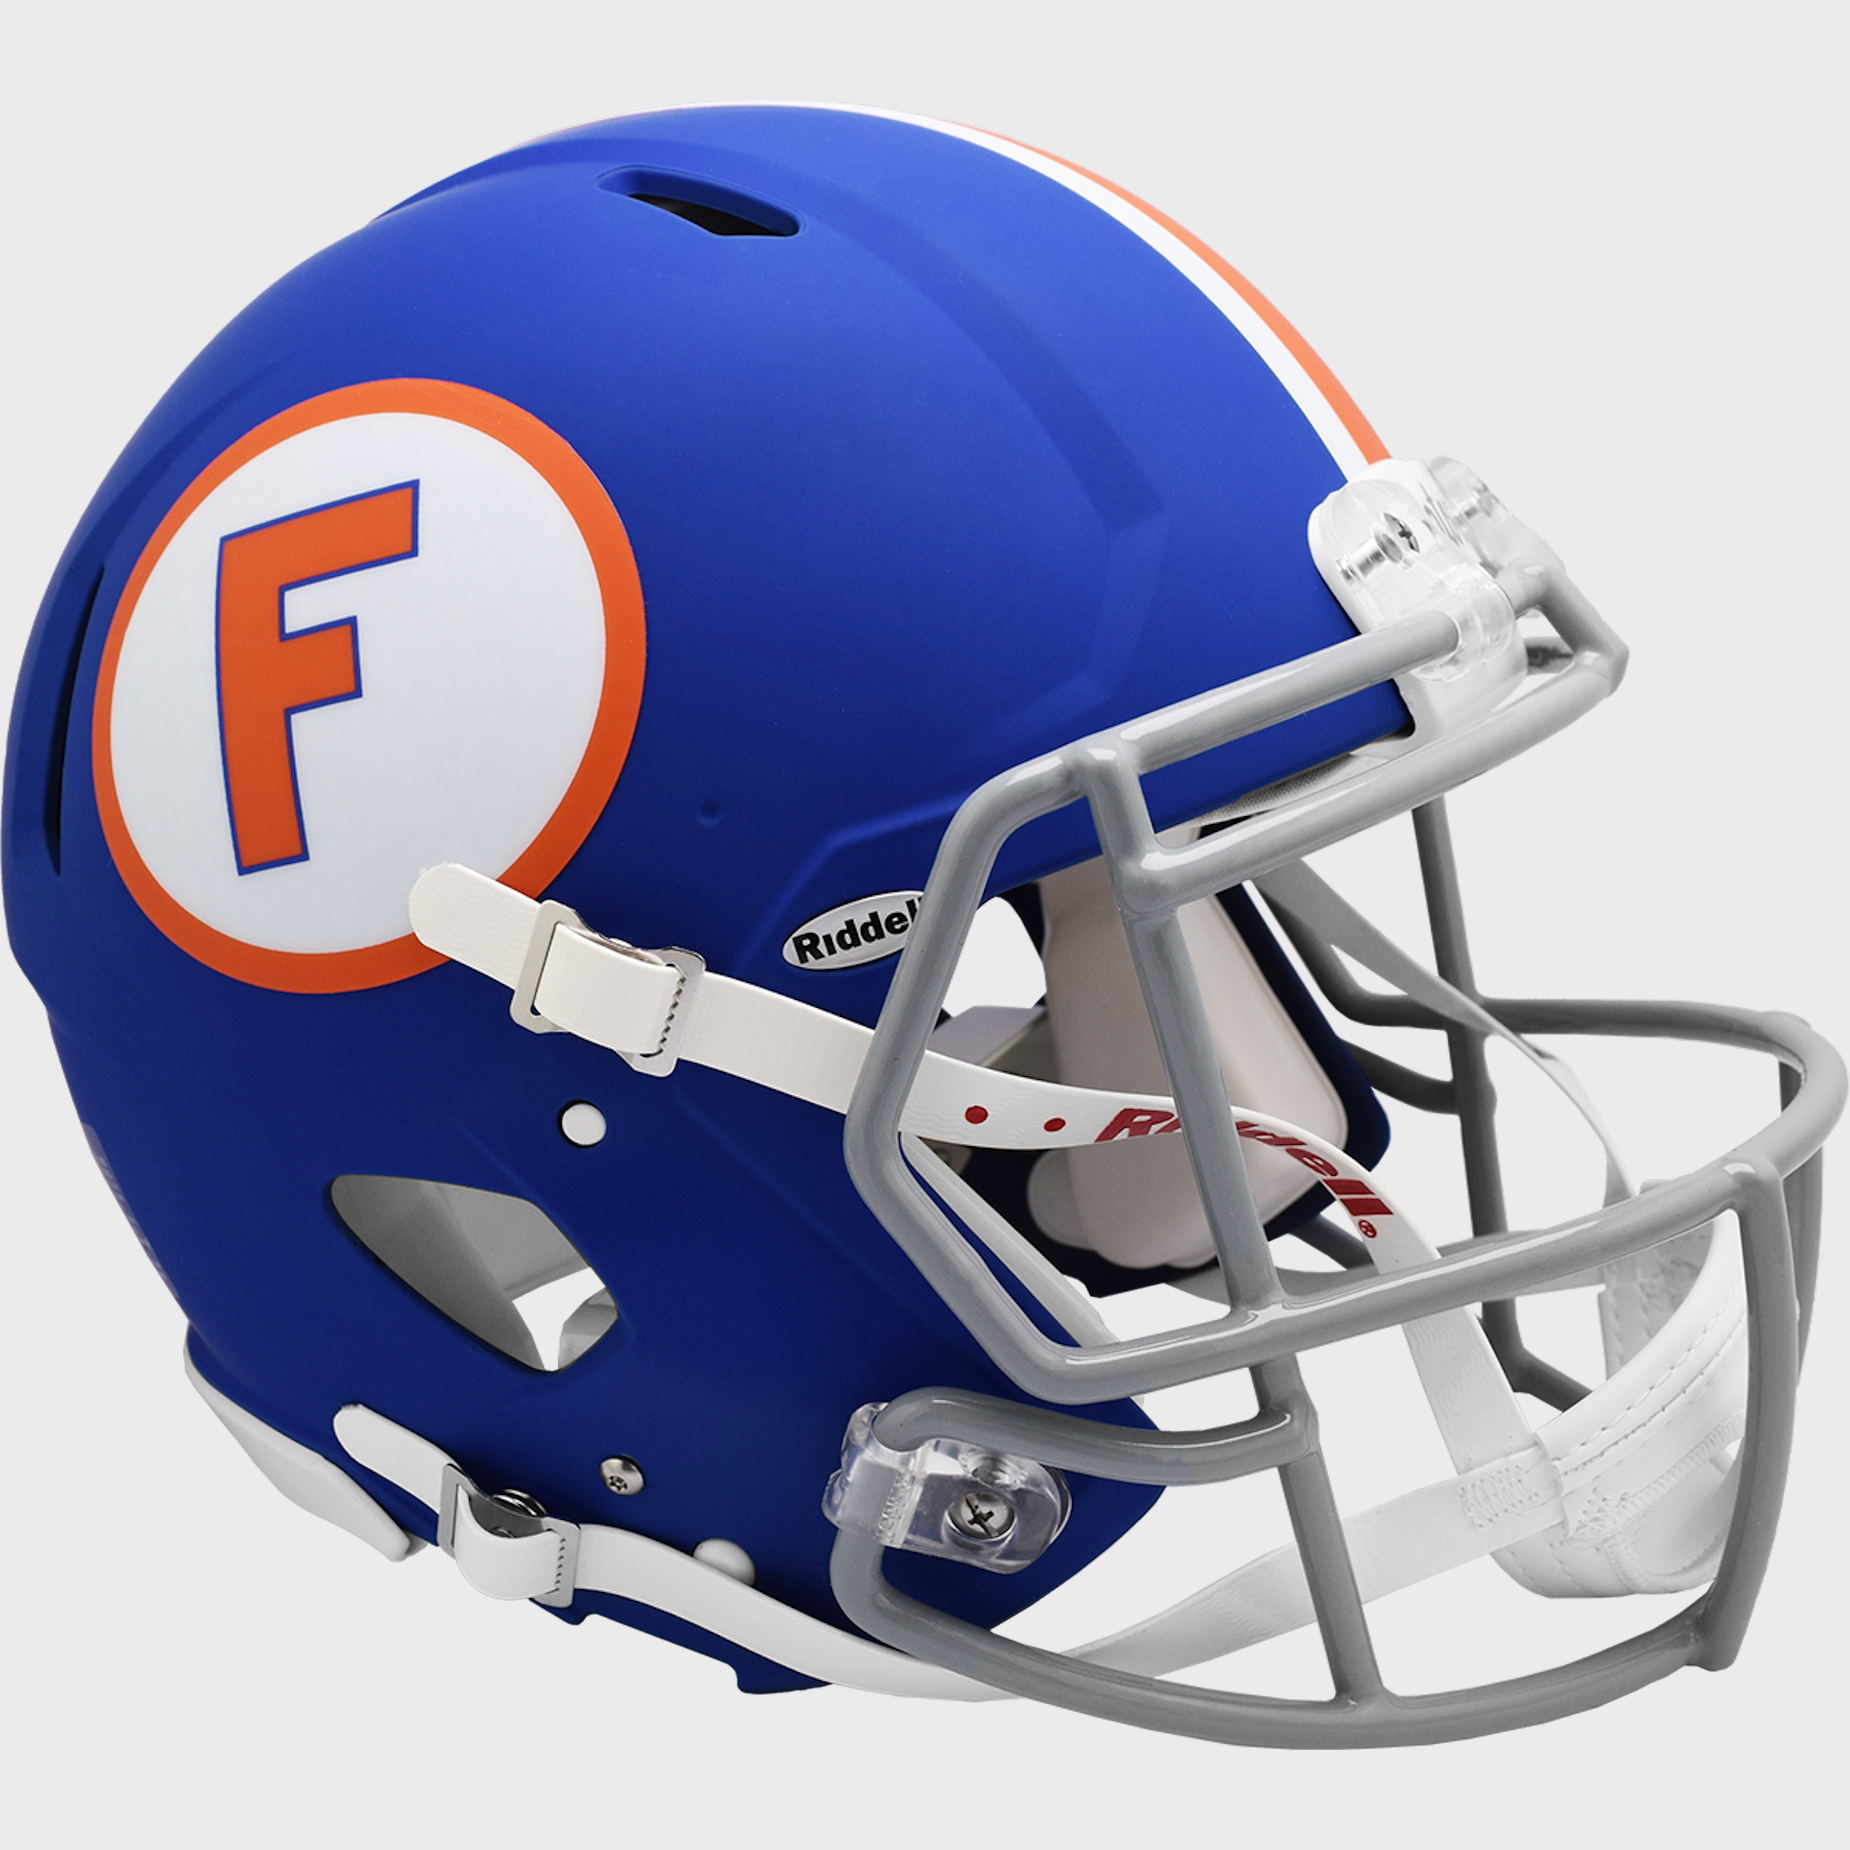 Florida Gators Speed Football Helmet <B>Blue</B>